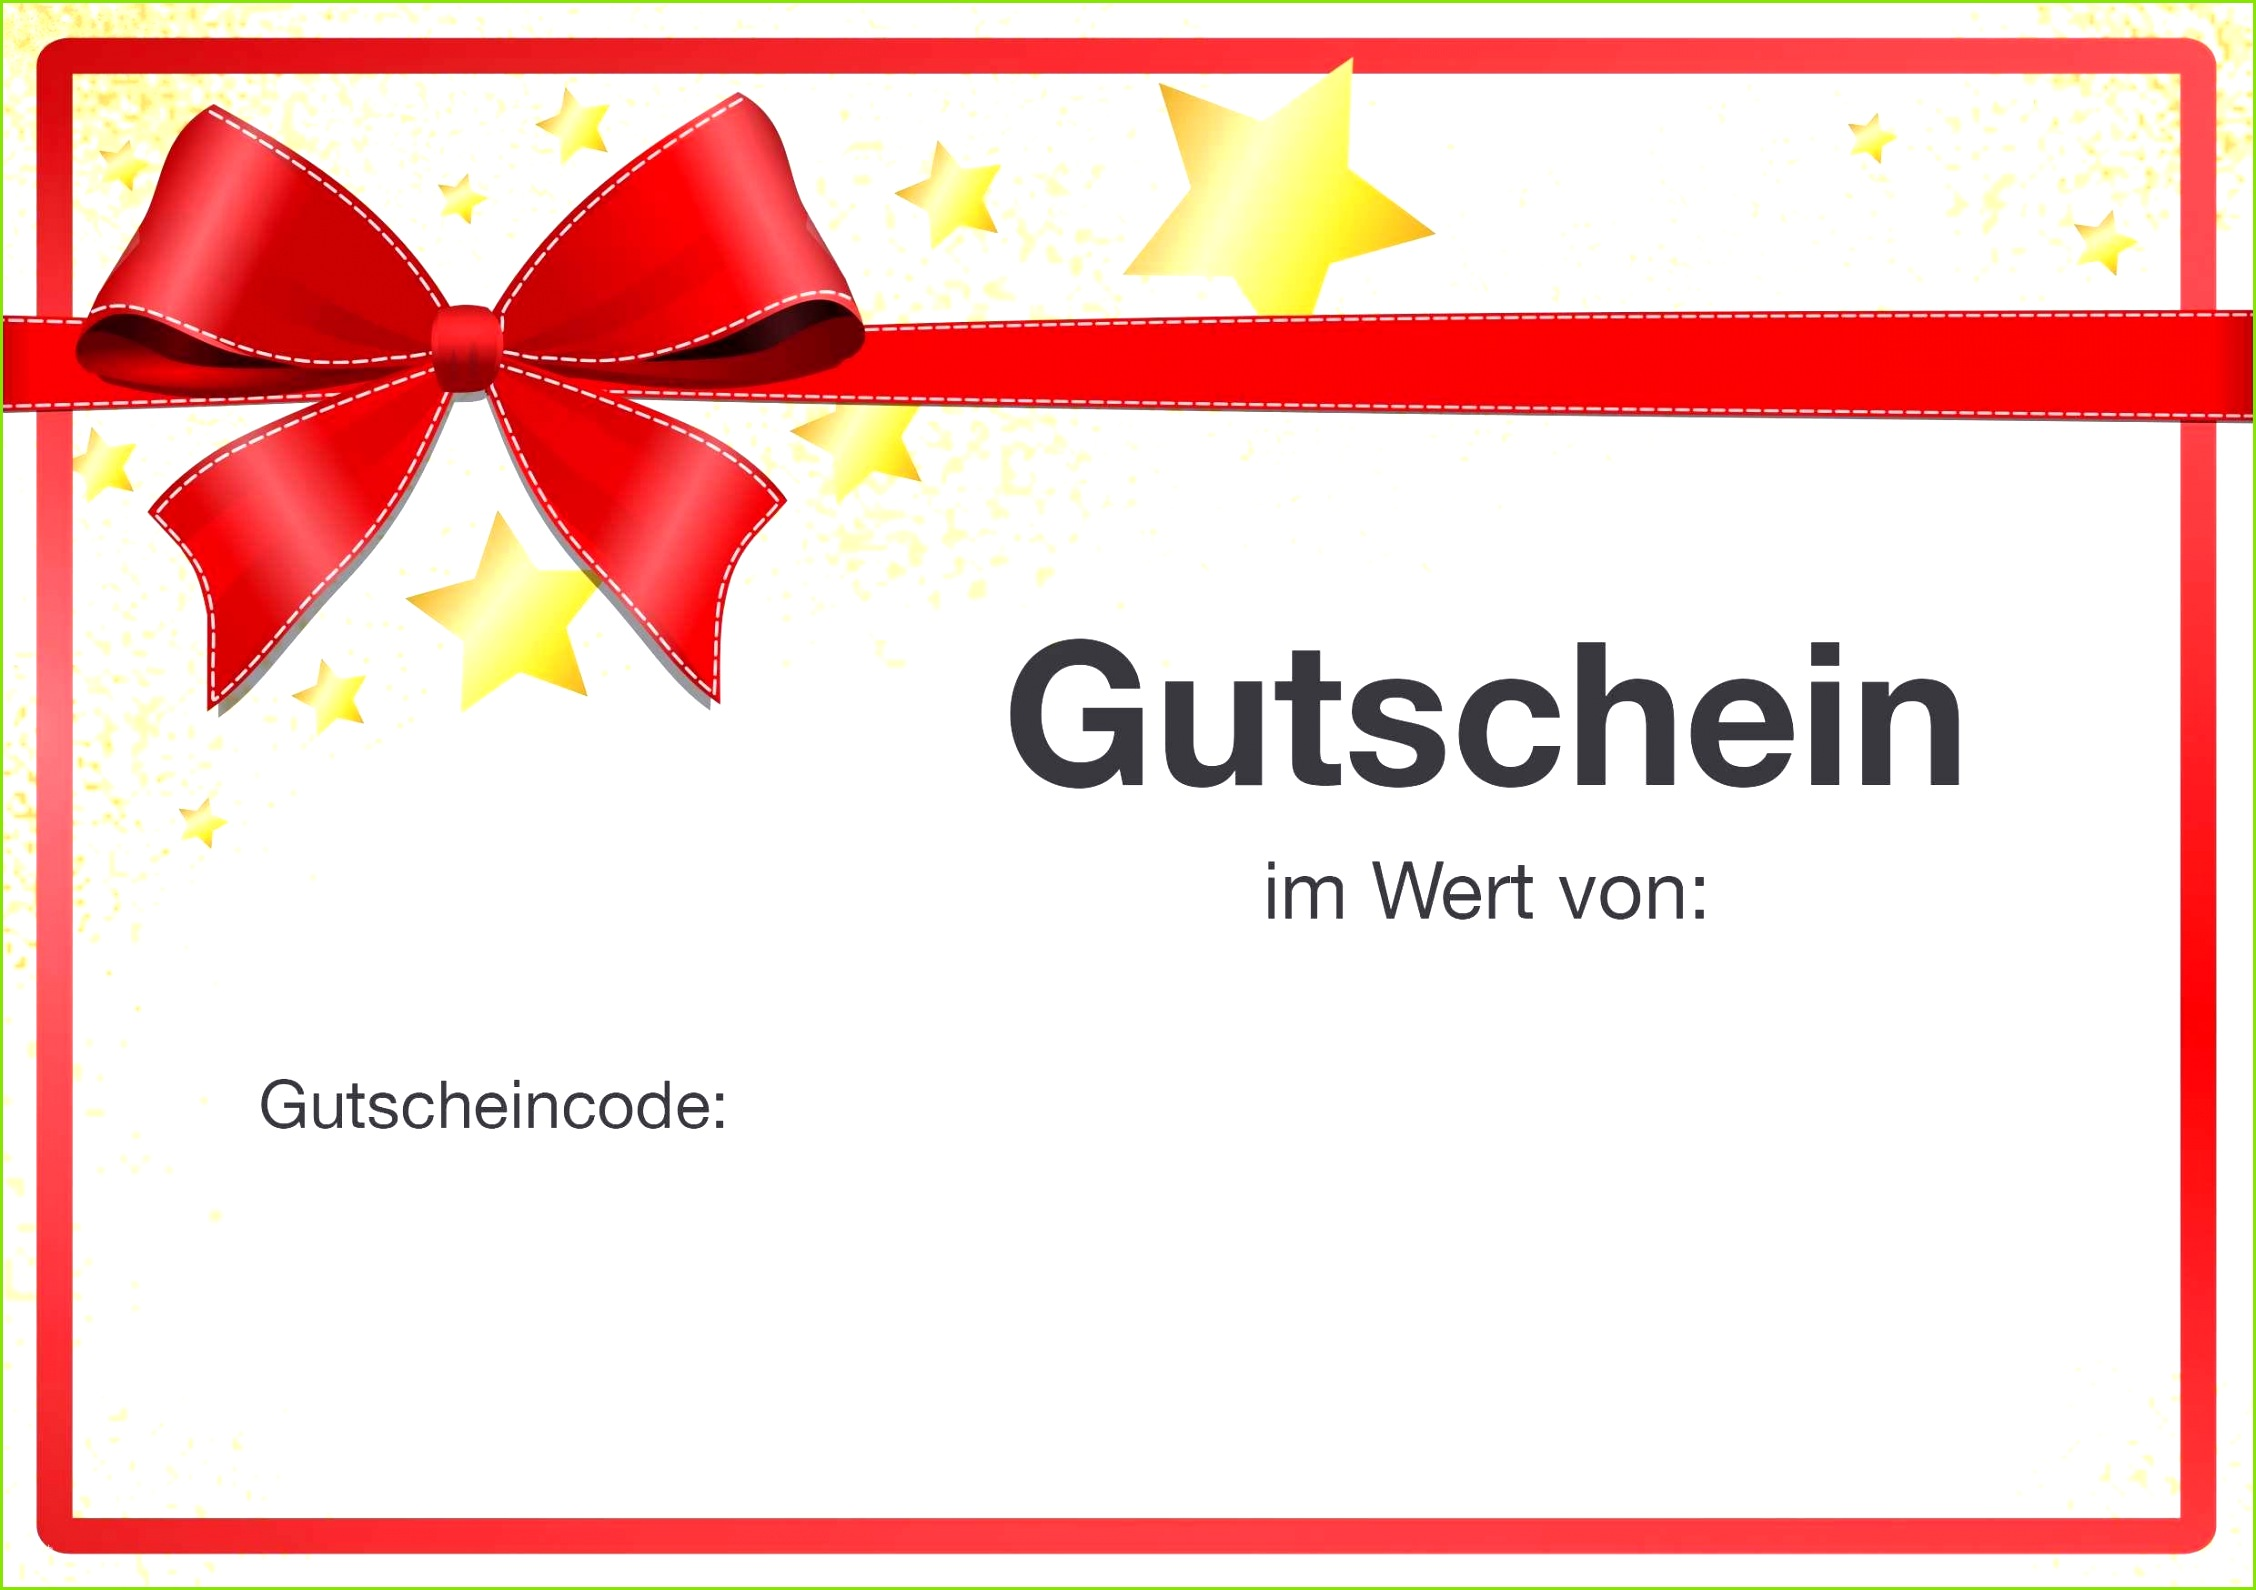 Vorlage Gutschein Weihnachten Erstaunlich Gutscheine › Oxid Shops